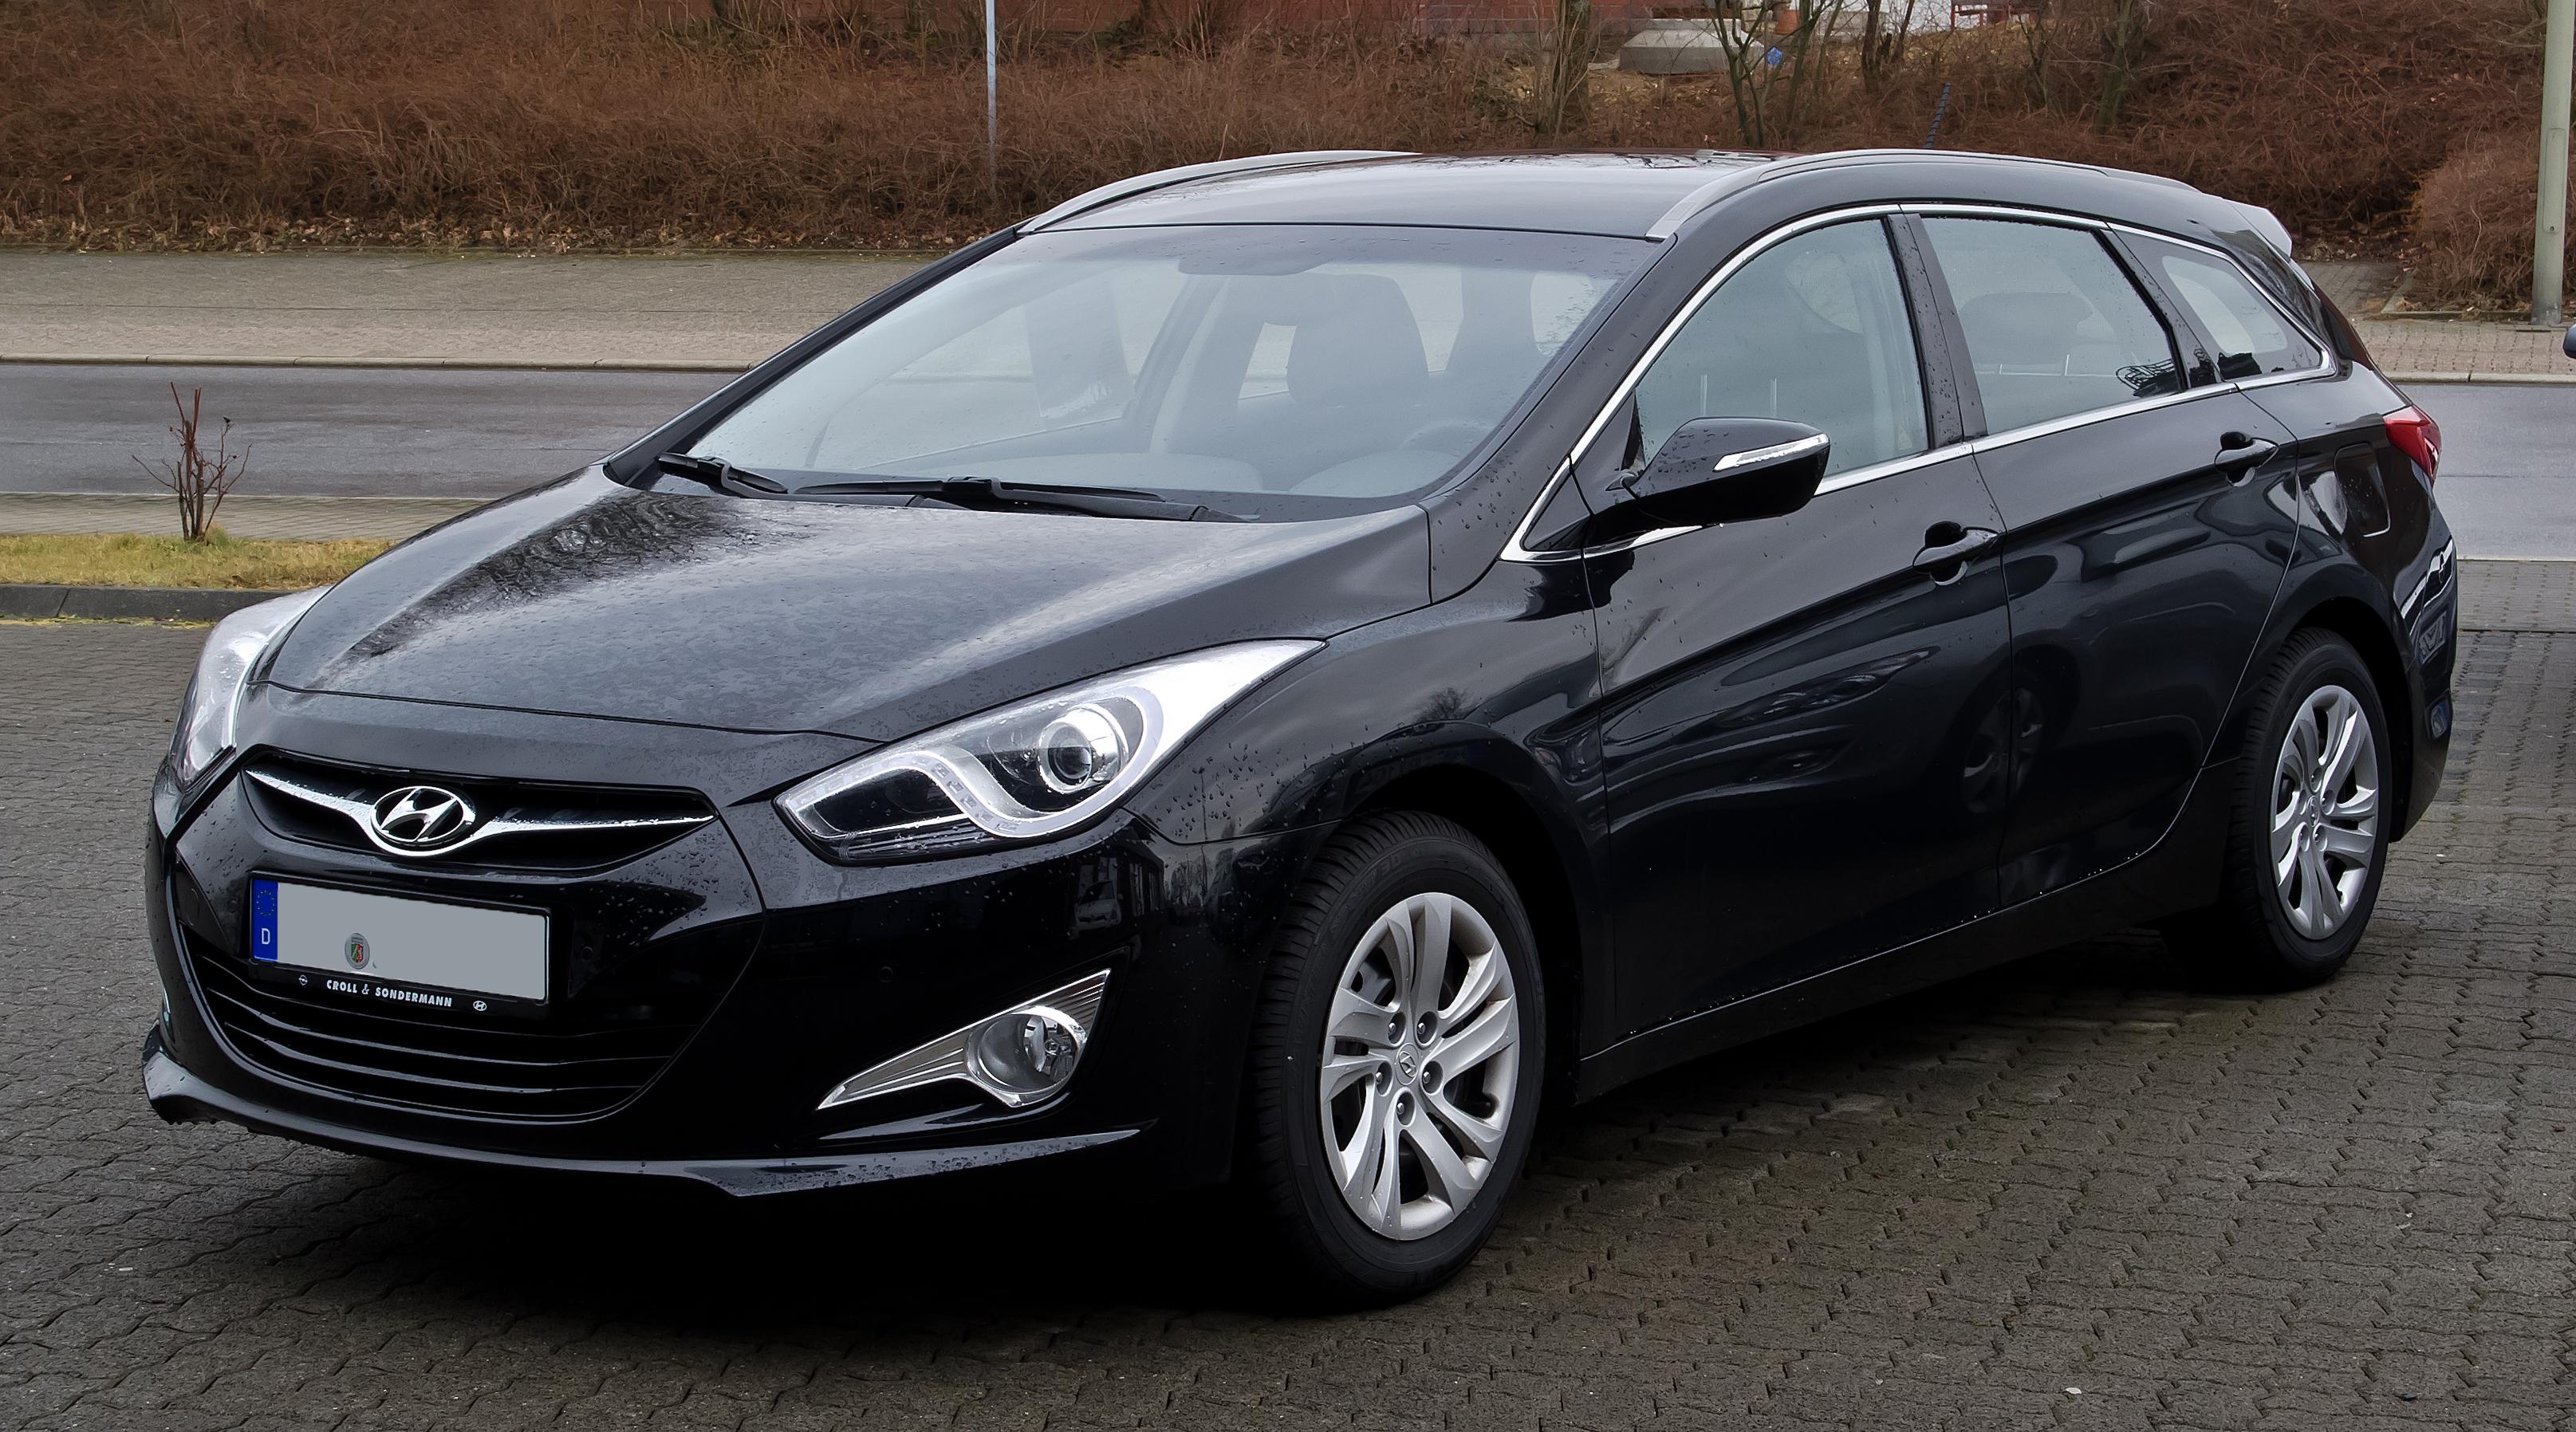 Hyundai i40 I 2011 - 2015 Station wagon 5 door #5